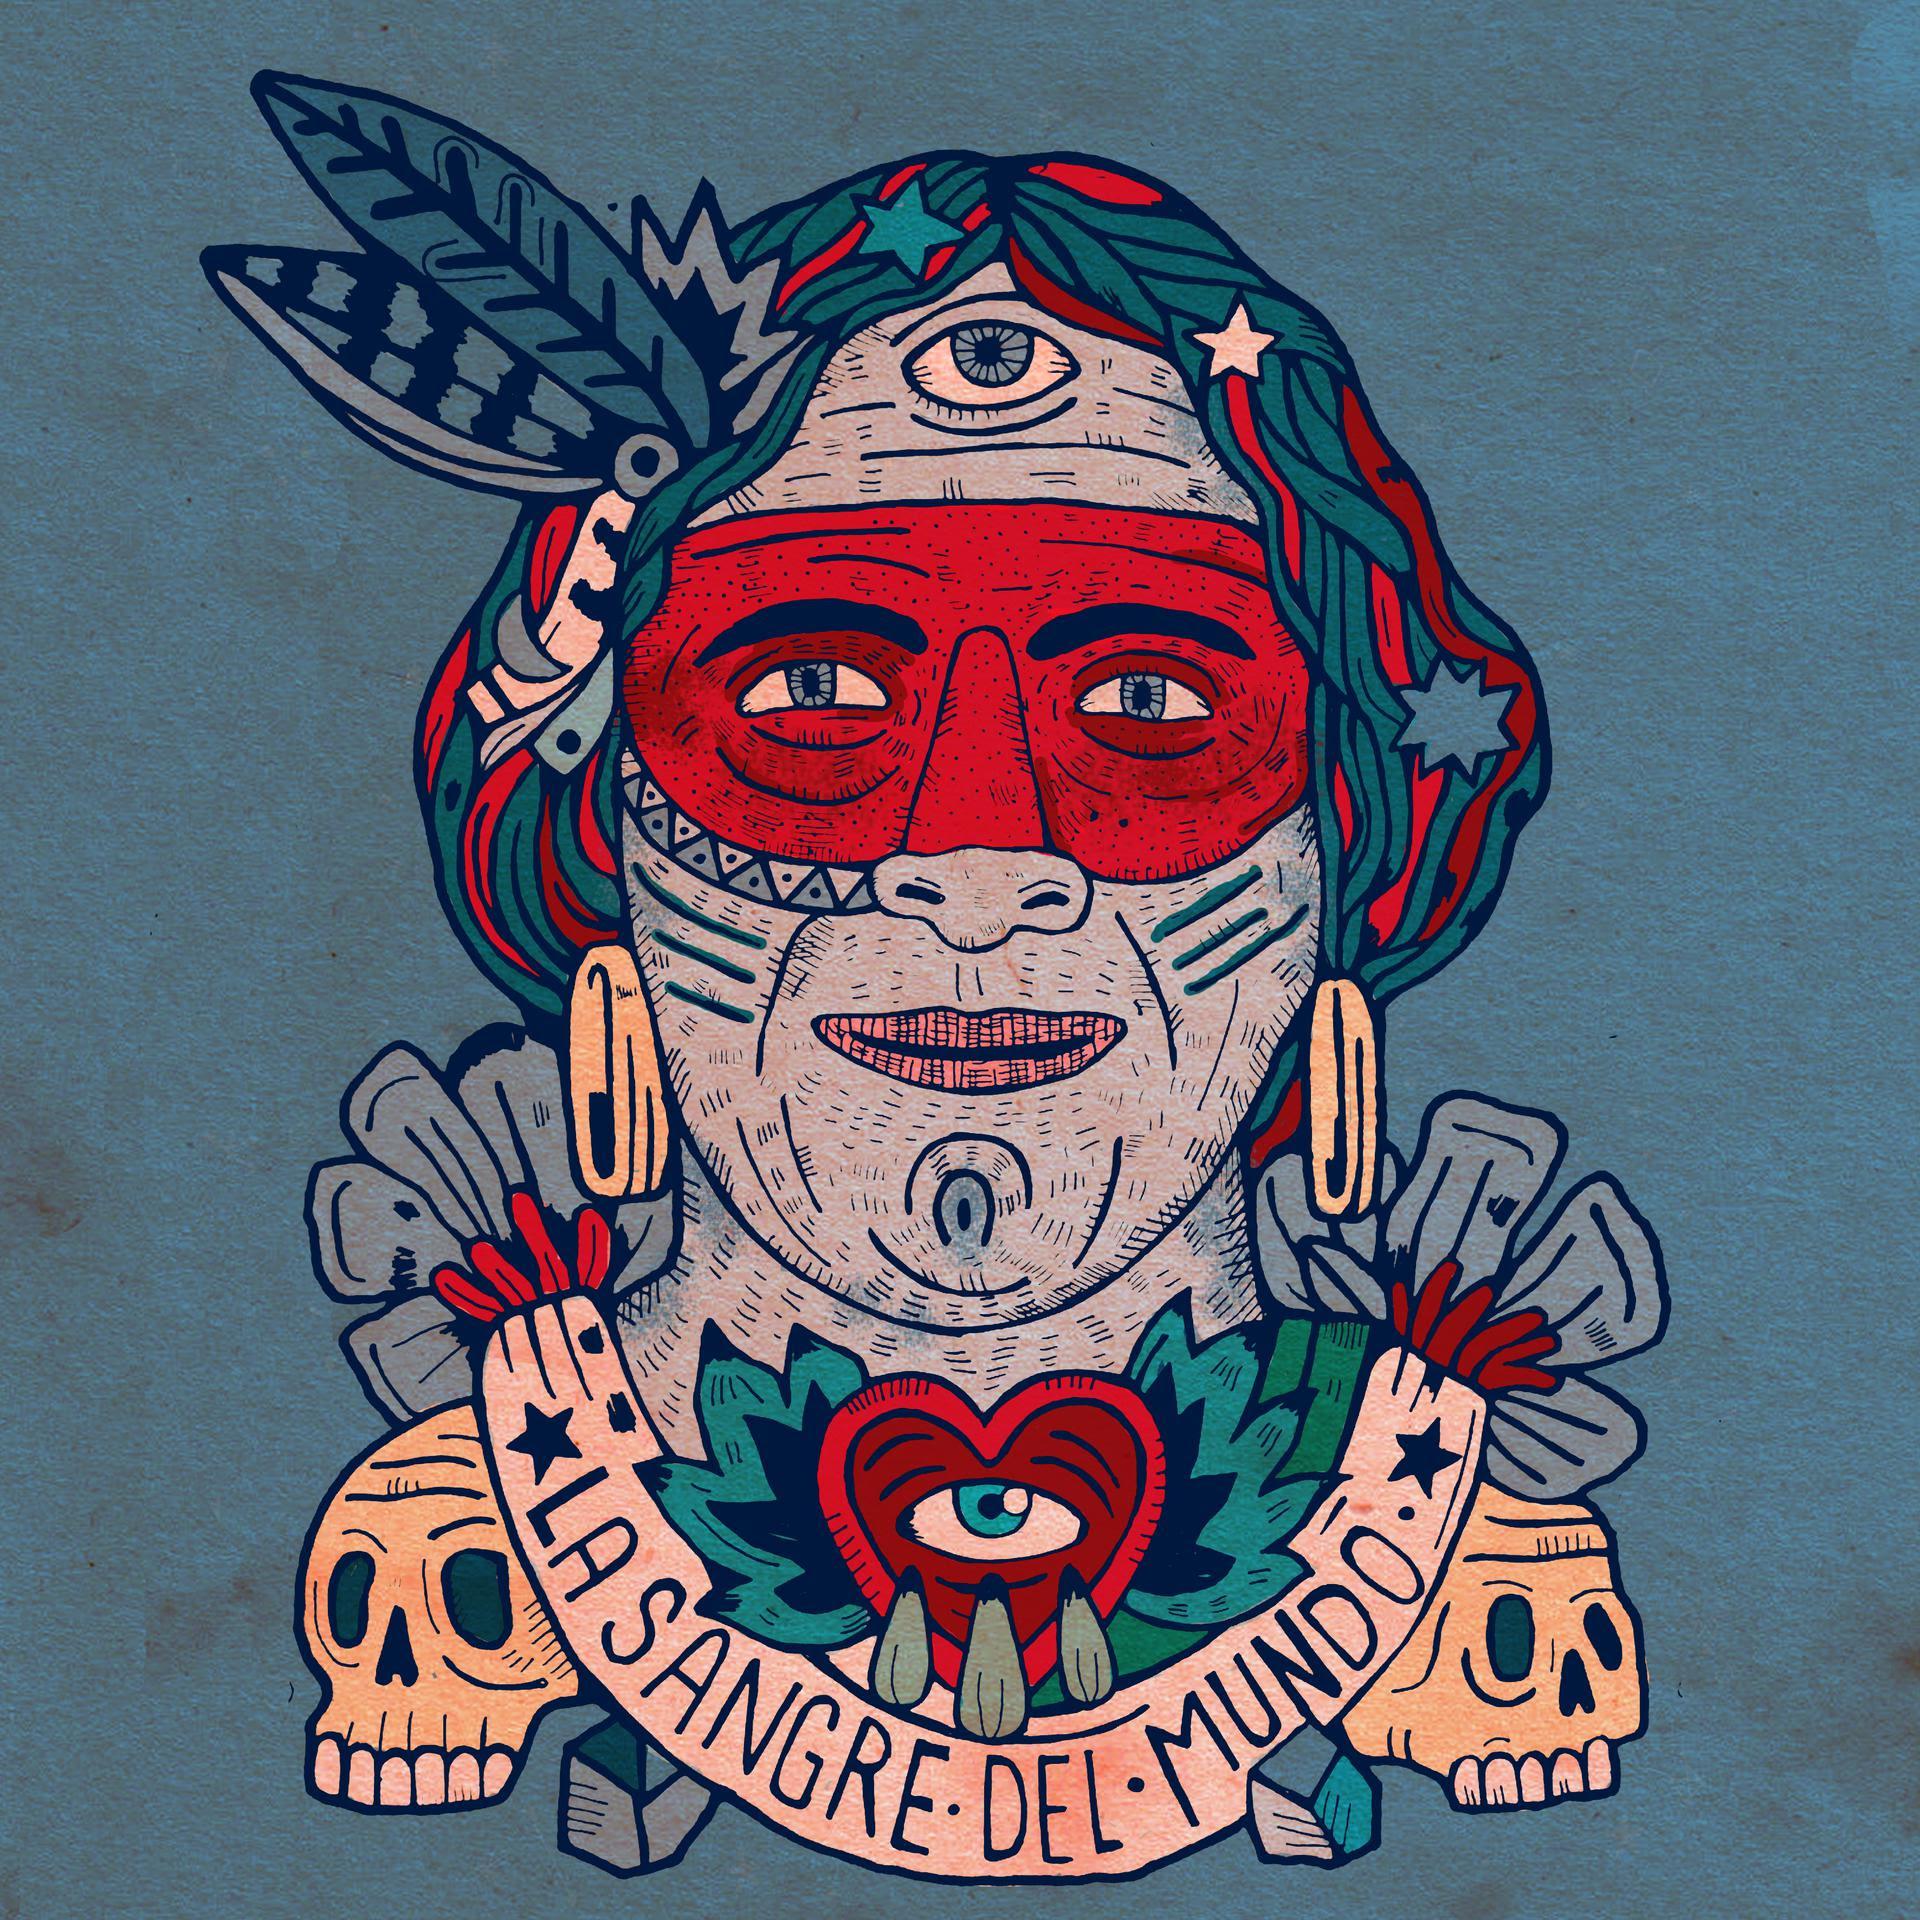 Muerdo presenta el primer single de su nuevo álbum La Sangre del Mundo (2)